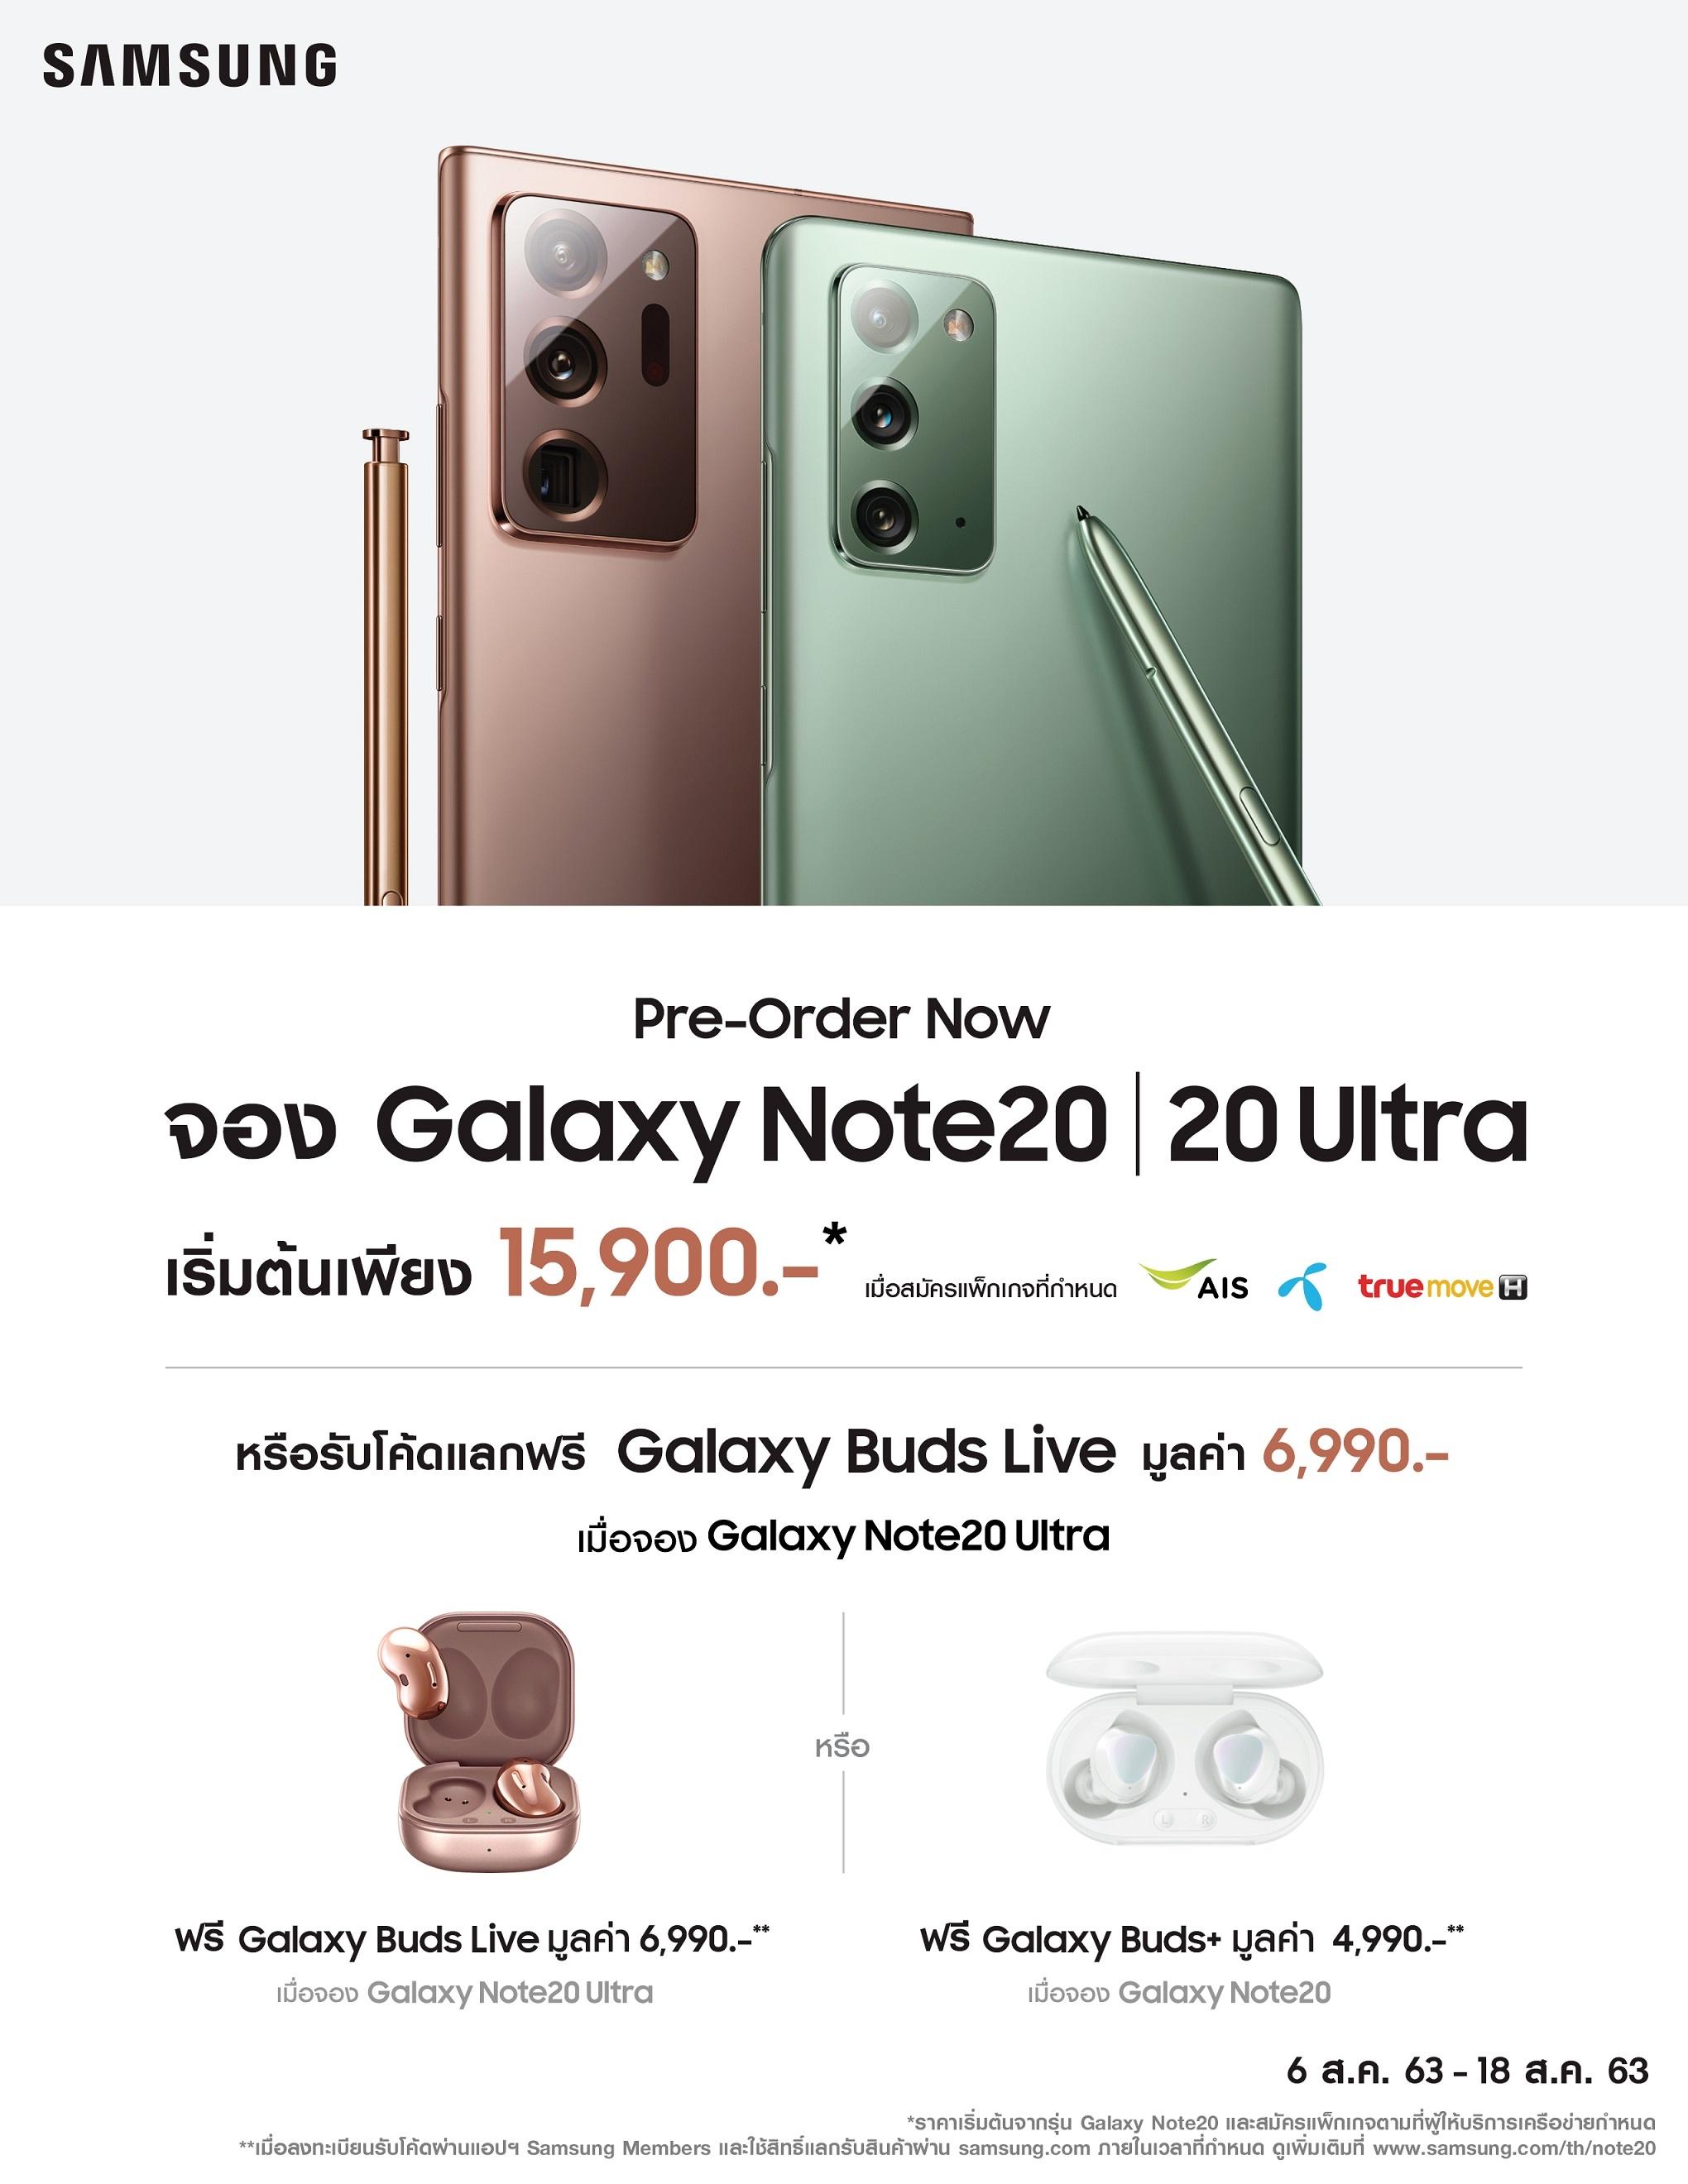 เปิดตัวแล้ว! Samsung Galaxy Note20 Series สุดยอดเพาเวอร์โฟนยุคใหม่